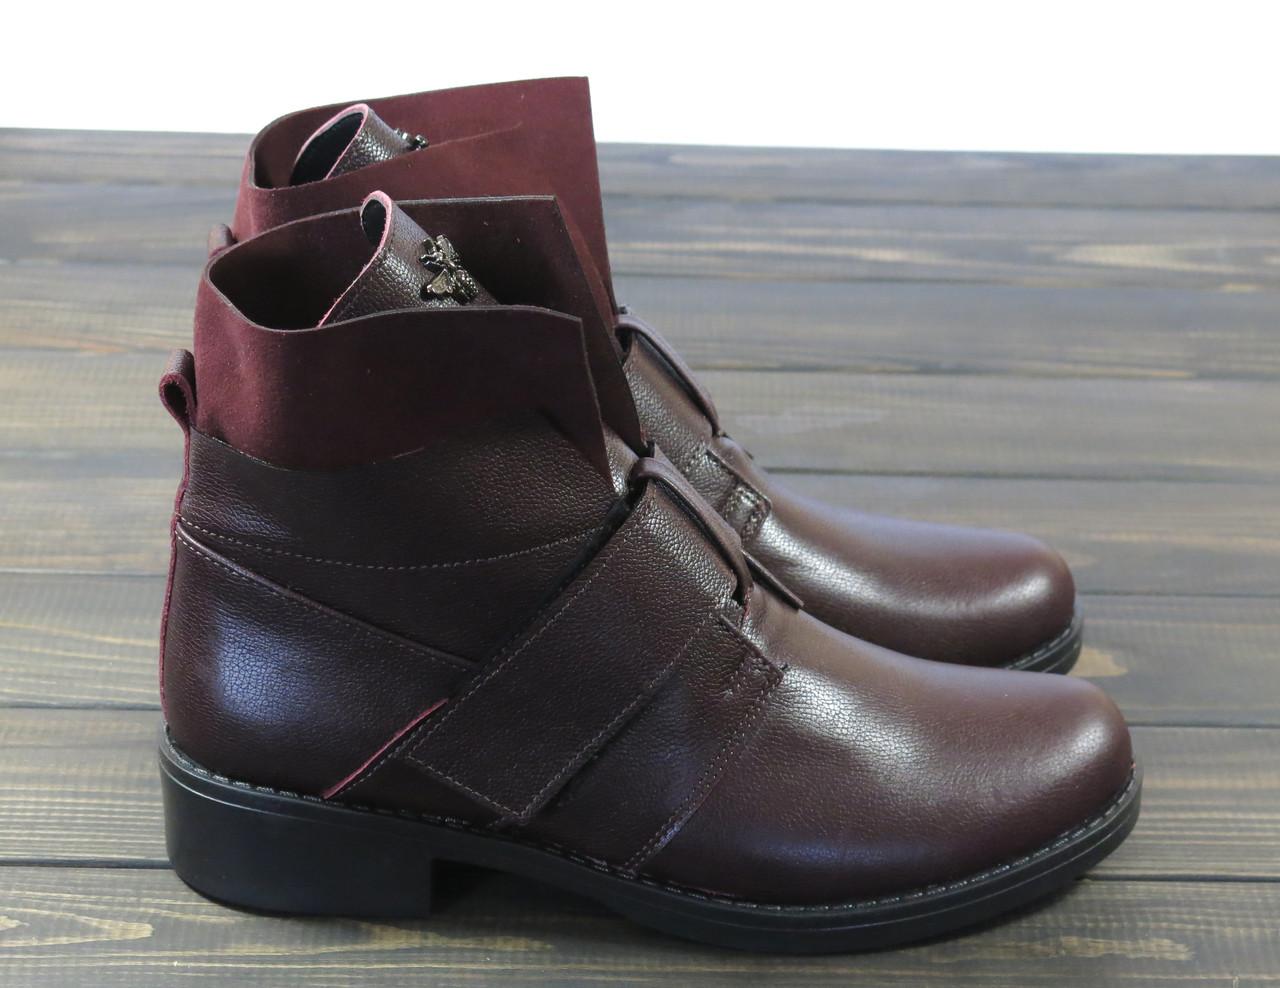 Жіночі модні черевики Lonza 302 BORDO розмір 36 23,5 см